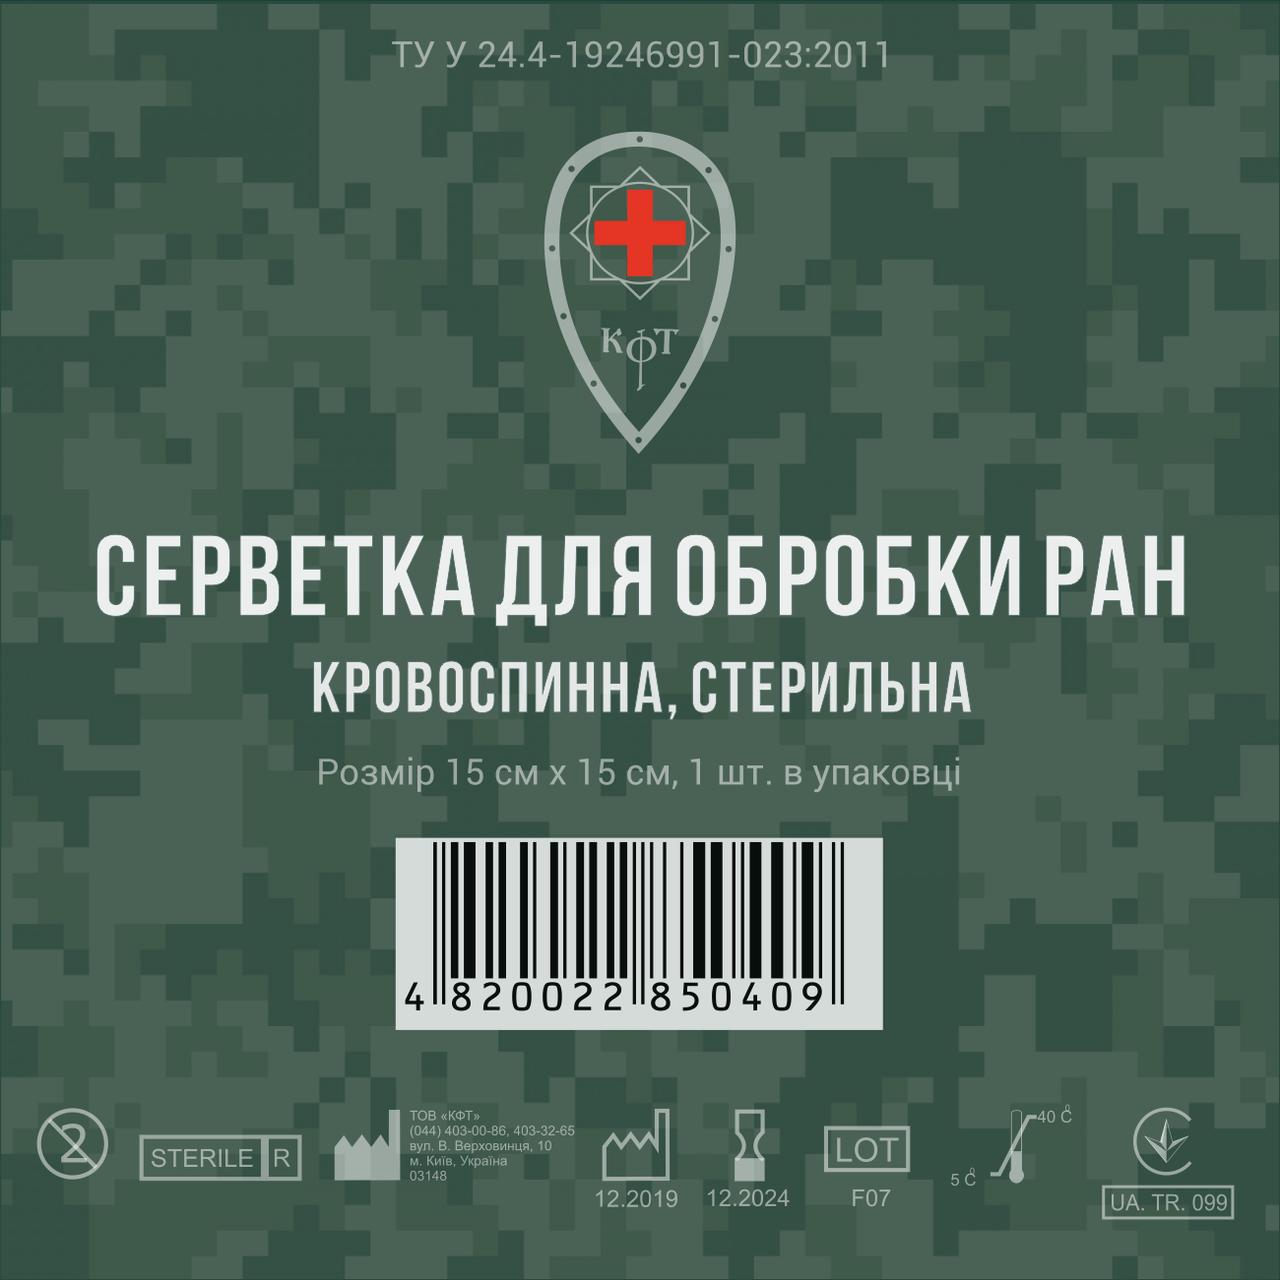 Салфетка для обработки ран кровоостанавливающая стерильная 15х15 см, №1